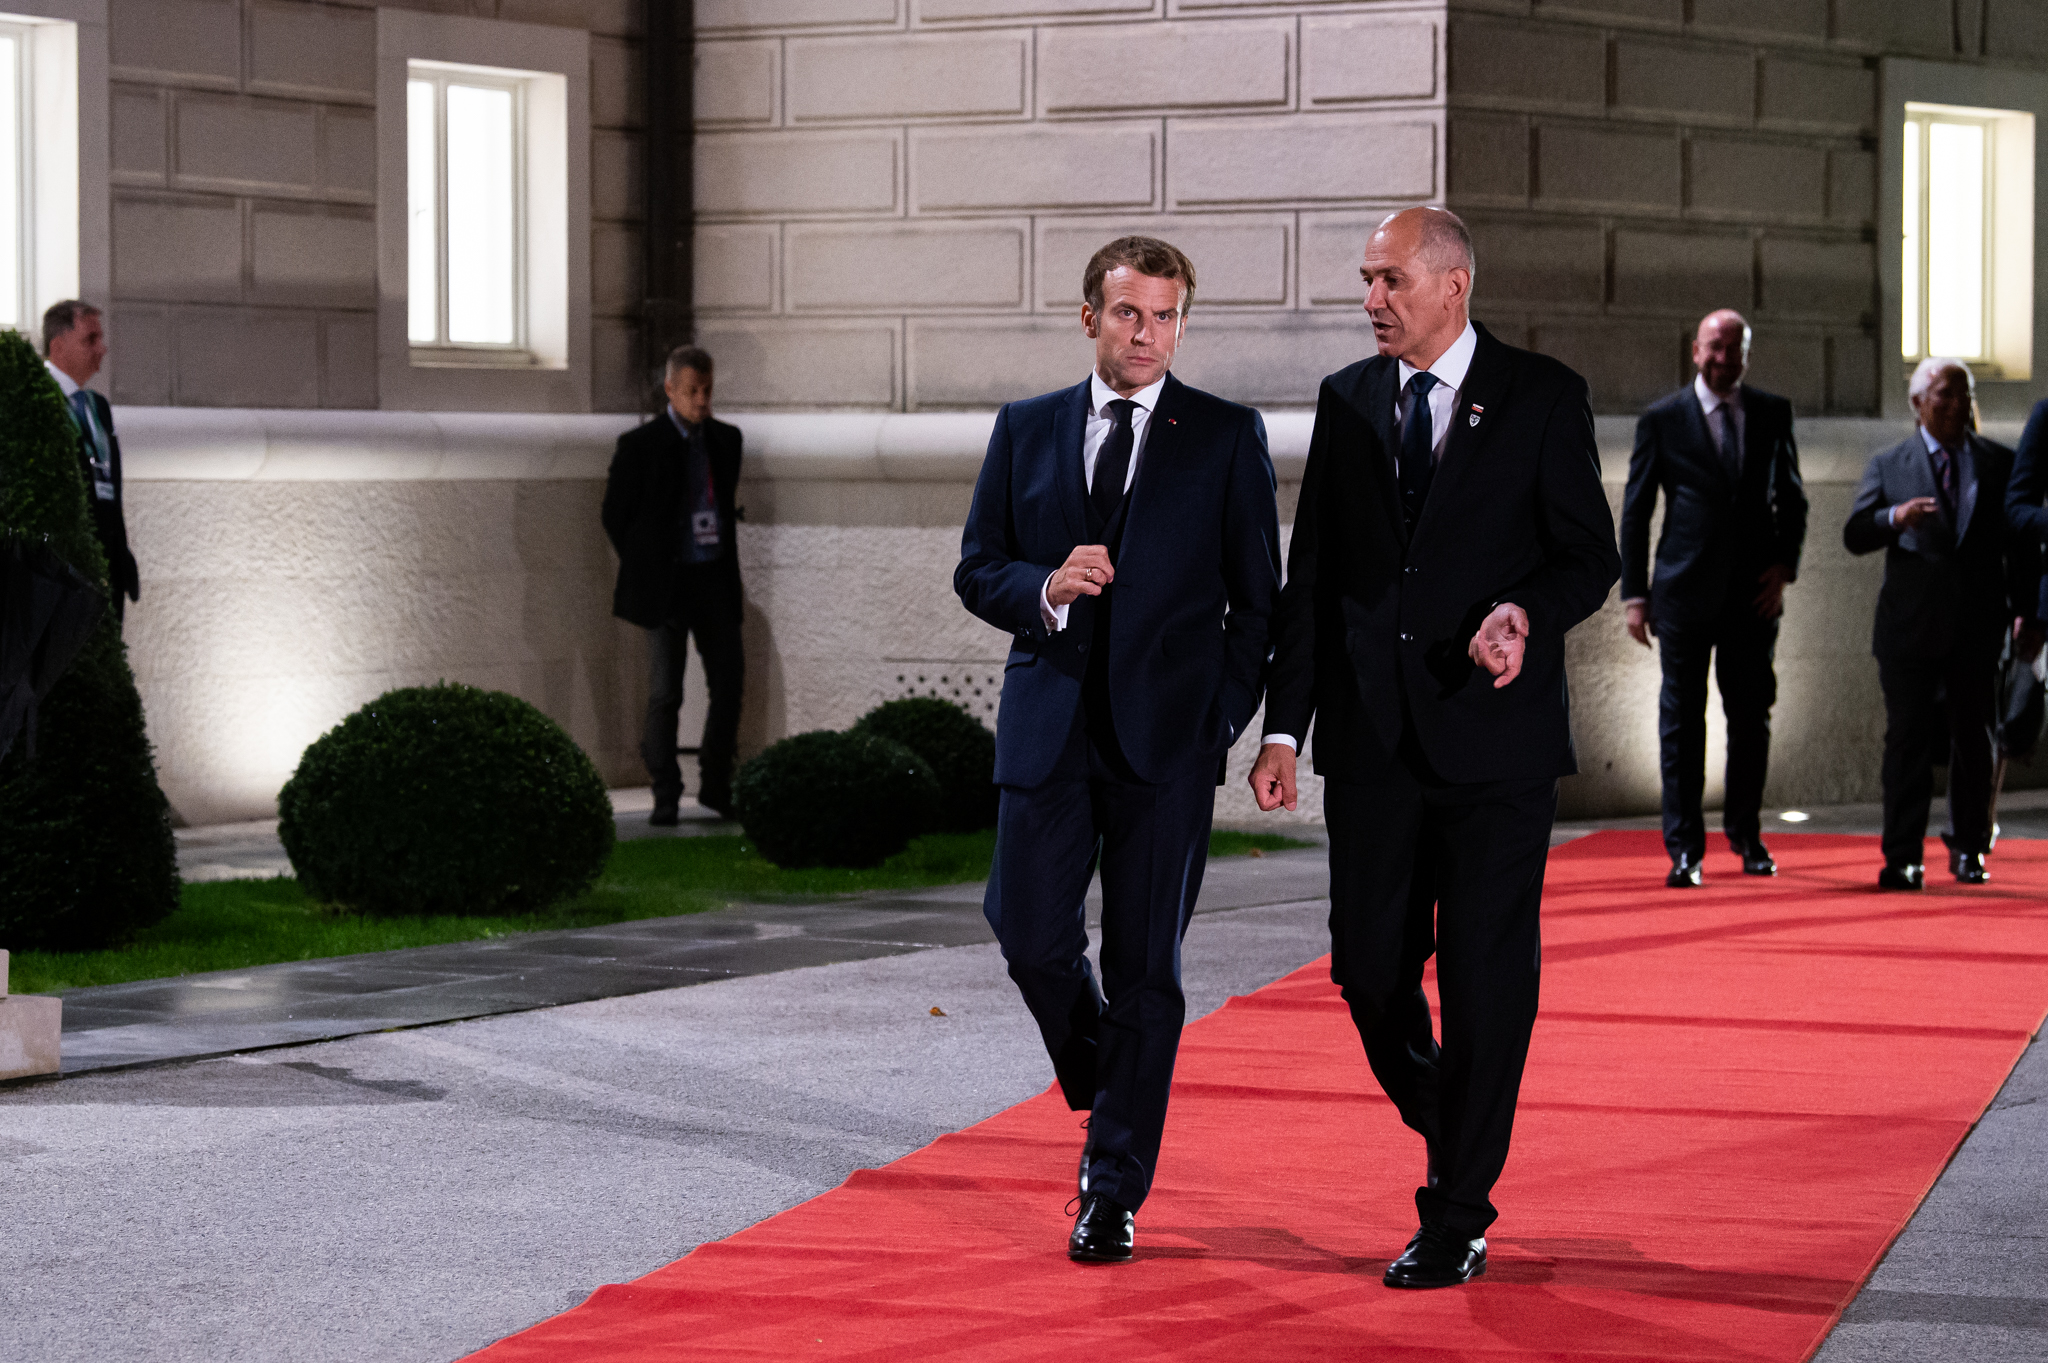 Francoski predsednik Emmanuel Macron in predsednik vlade Janez Janša.